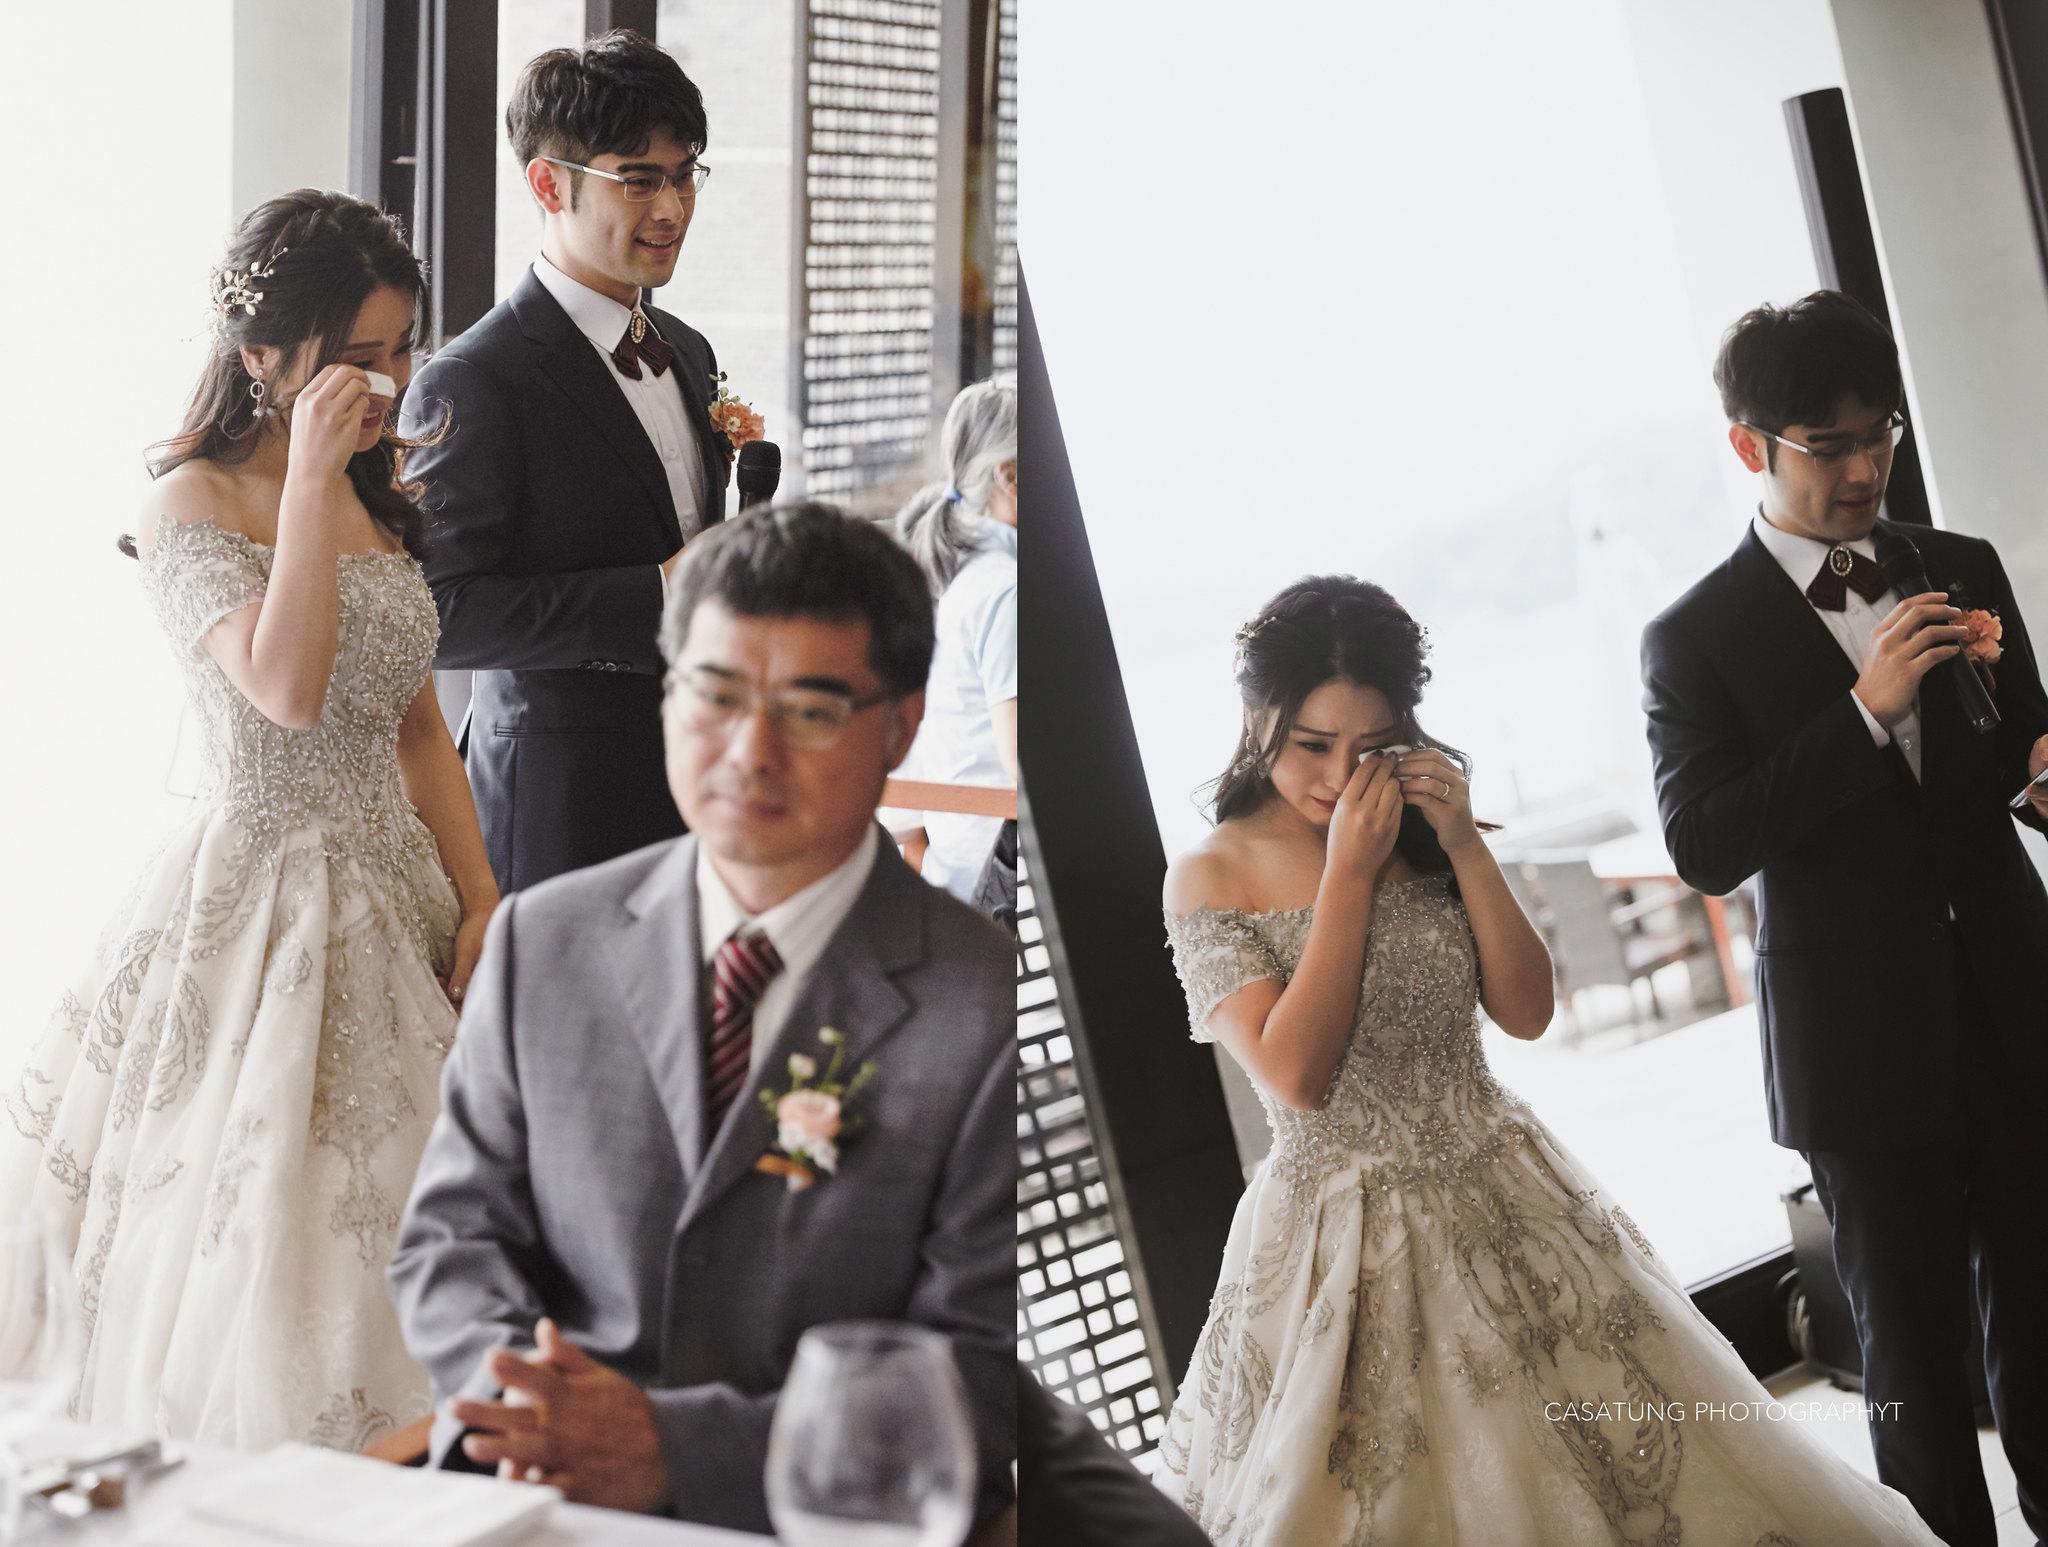 日月潭婚禮, 台中婚攝, 婚禮紀錄, 婚攝推薦, 涵碧樓婚禮, casa, casatung.台中婚攝casa-74